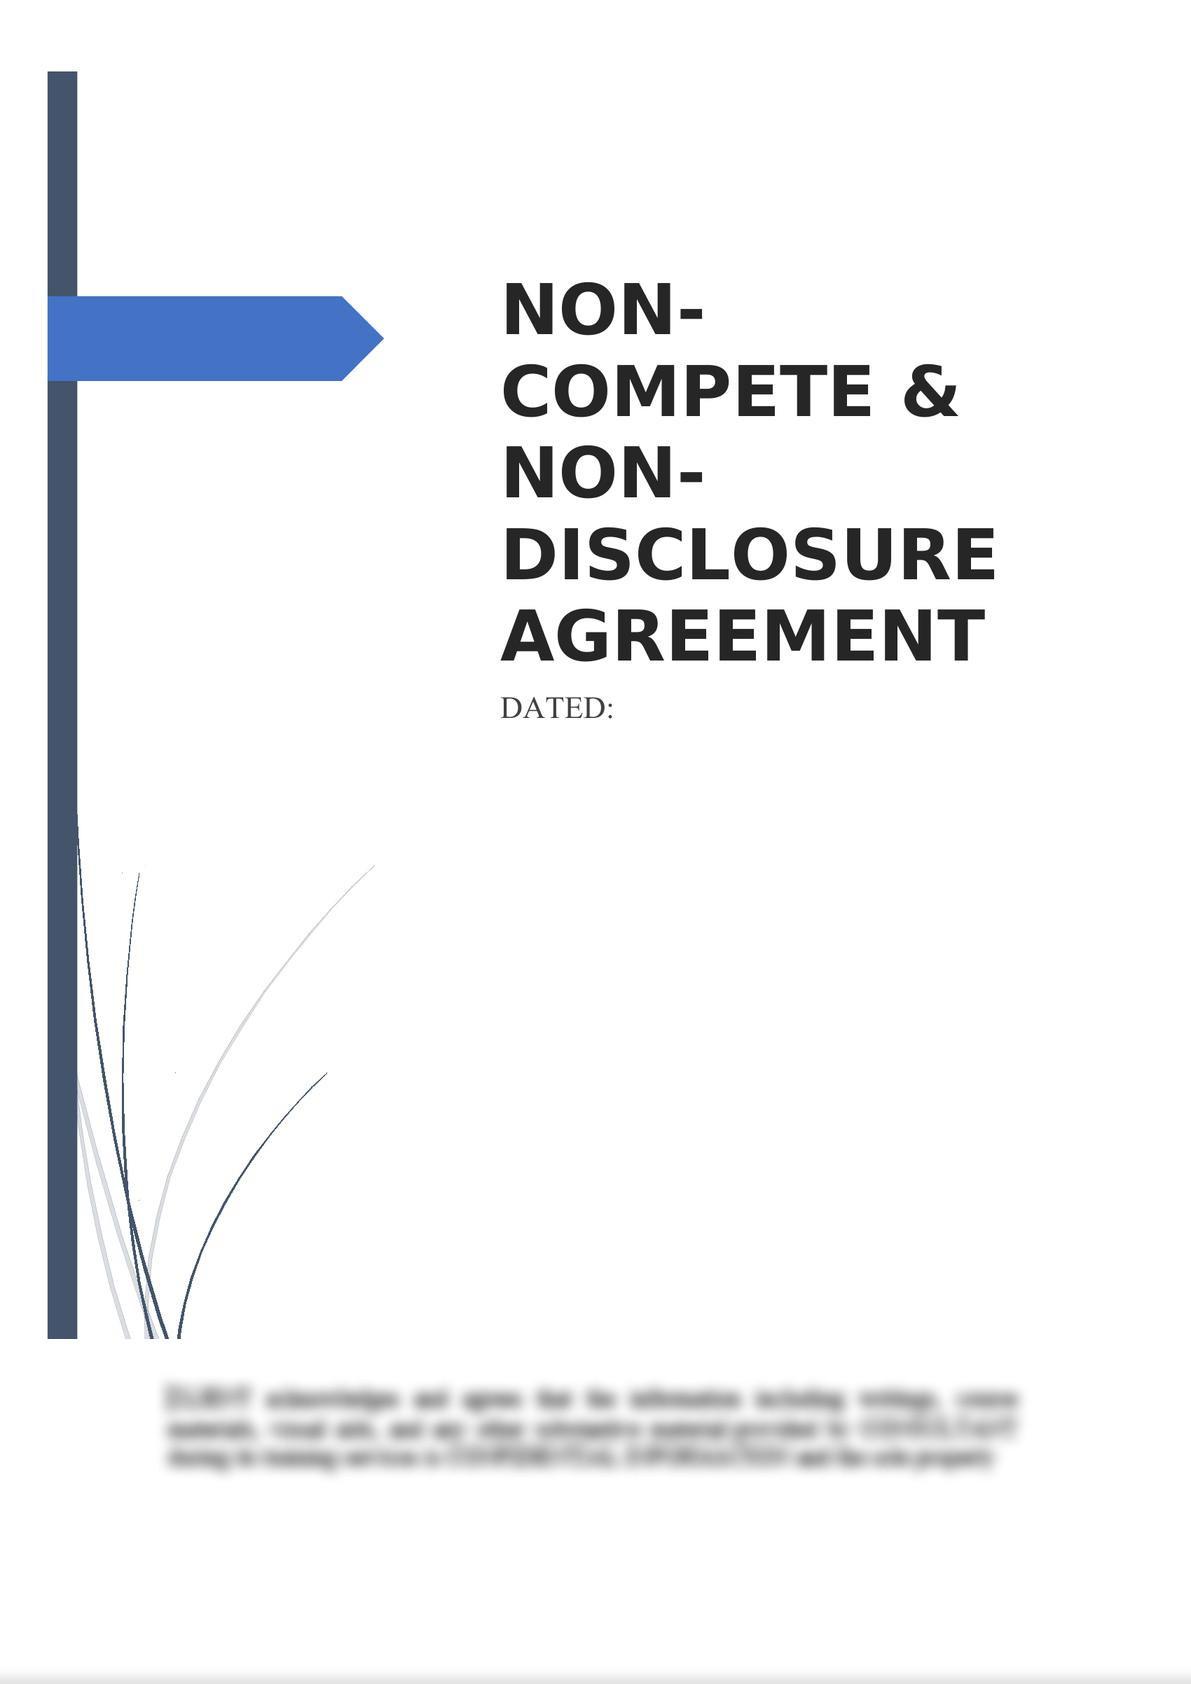 Non-Compete & Non-Disclosure Agreement-0